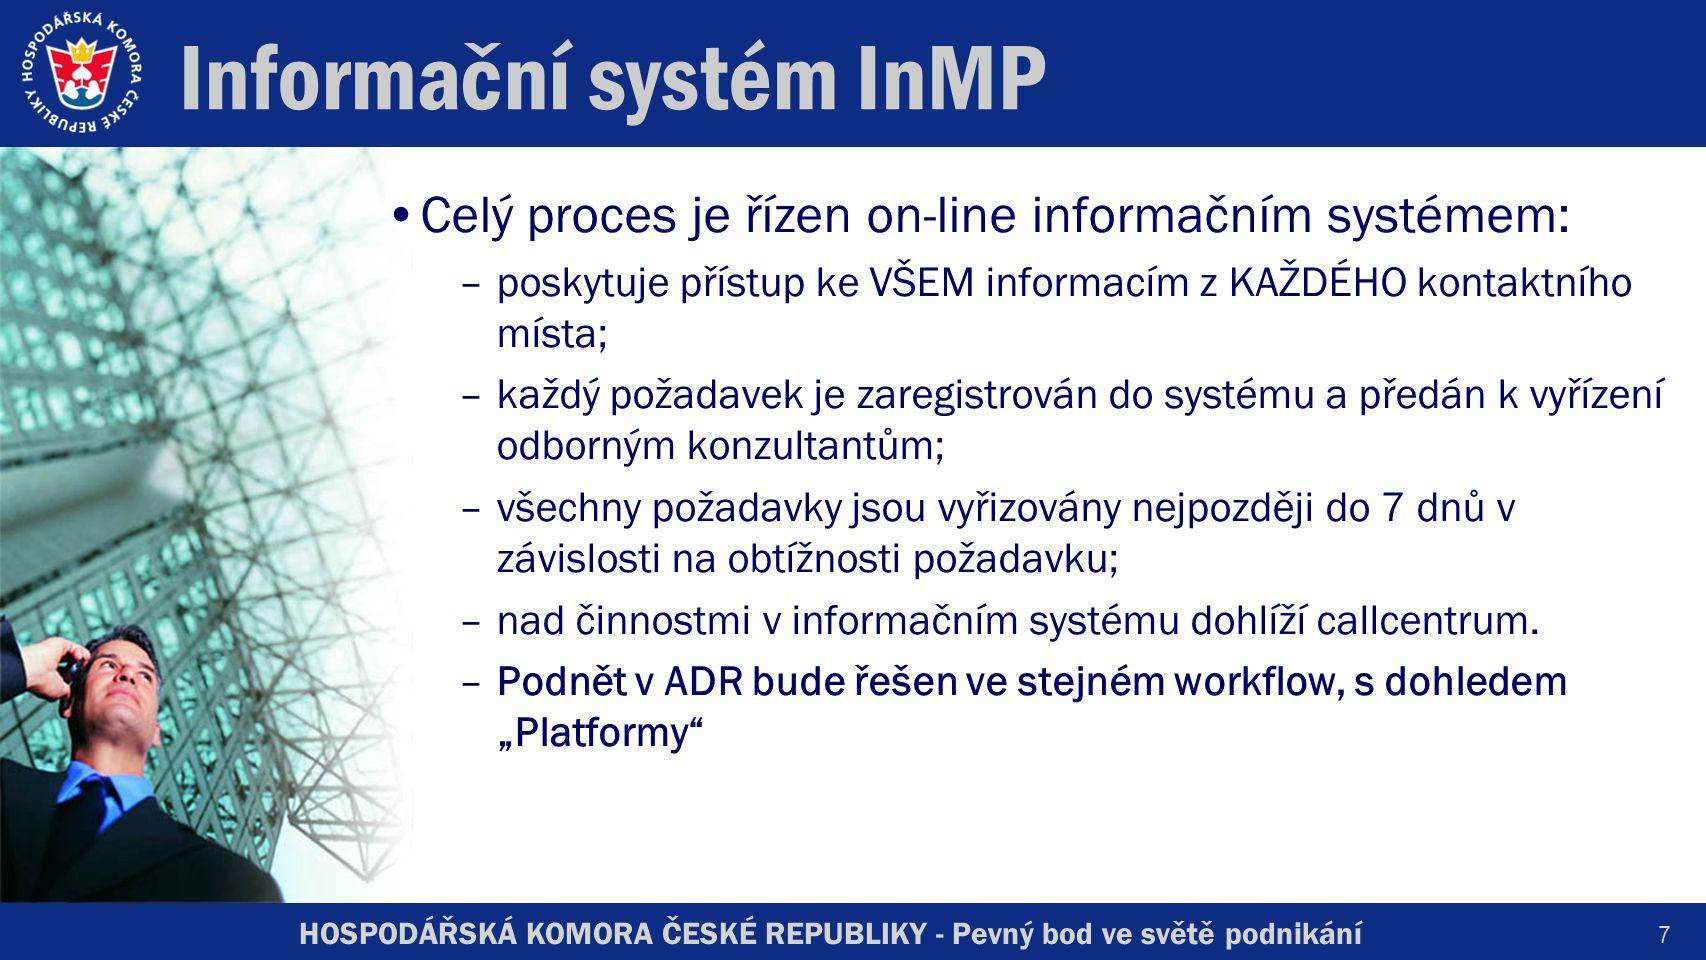 HOSPODÁŘSKÁ KOMORA ČESKÉ REPUBLIKY - Pevný bod ve světě podnikání Informační systém InMP Celý proces je řízen on-line informačním systémem: –poskytuje přístup ke VŠEM informacím z KAŽDÉHO kontaktního místa; –každý požadavek je zaregistrován do systému a předán k vyřízení odborným konzultantům; –všechny požadavky jsou vyřizovány nejpozději do 7 dnů v závislosti na obtížnosti požadavku; –nad činnostmi v informačním systému dohlíží callcentrum.